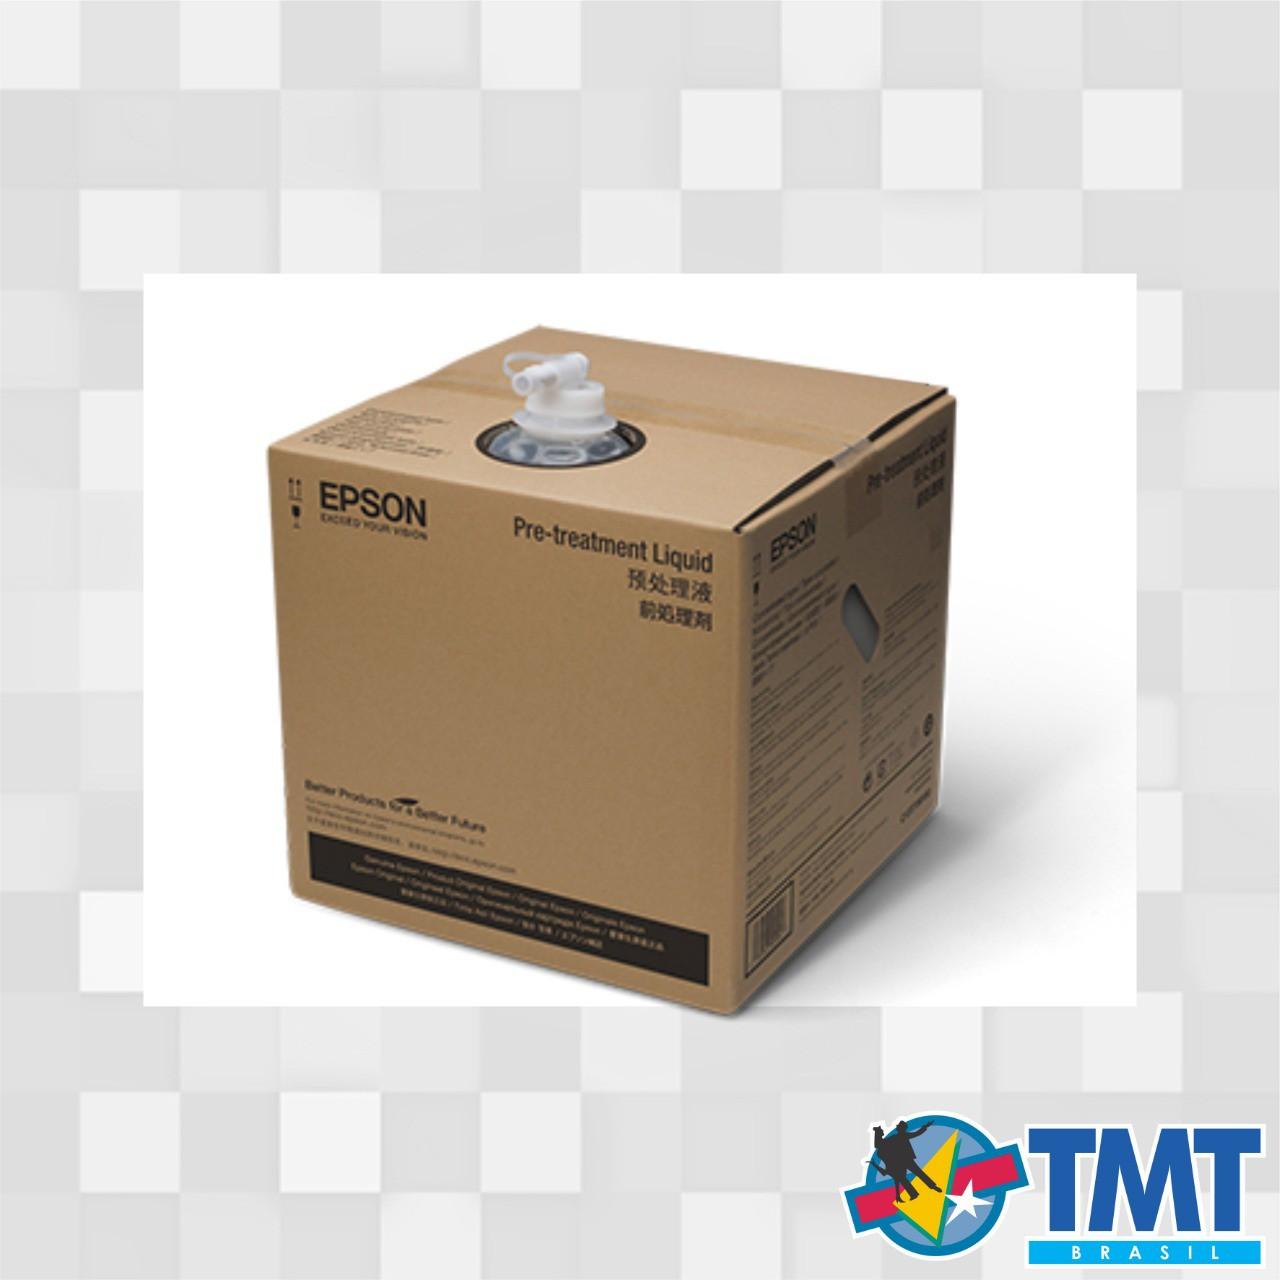 Liquido de Pré Tratamento para Epson F2100 - 18 Litros - Poliéster